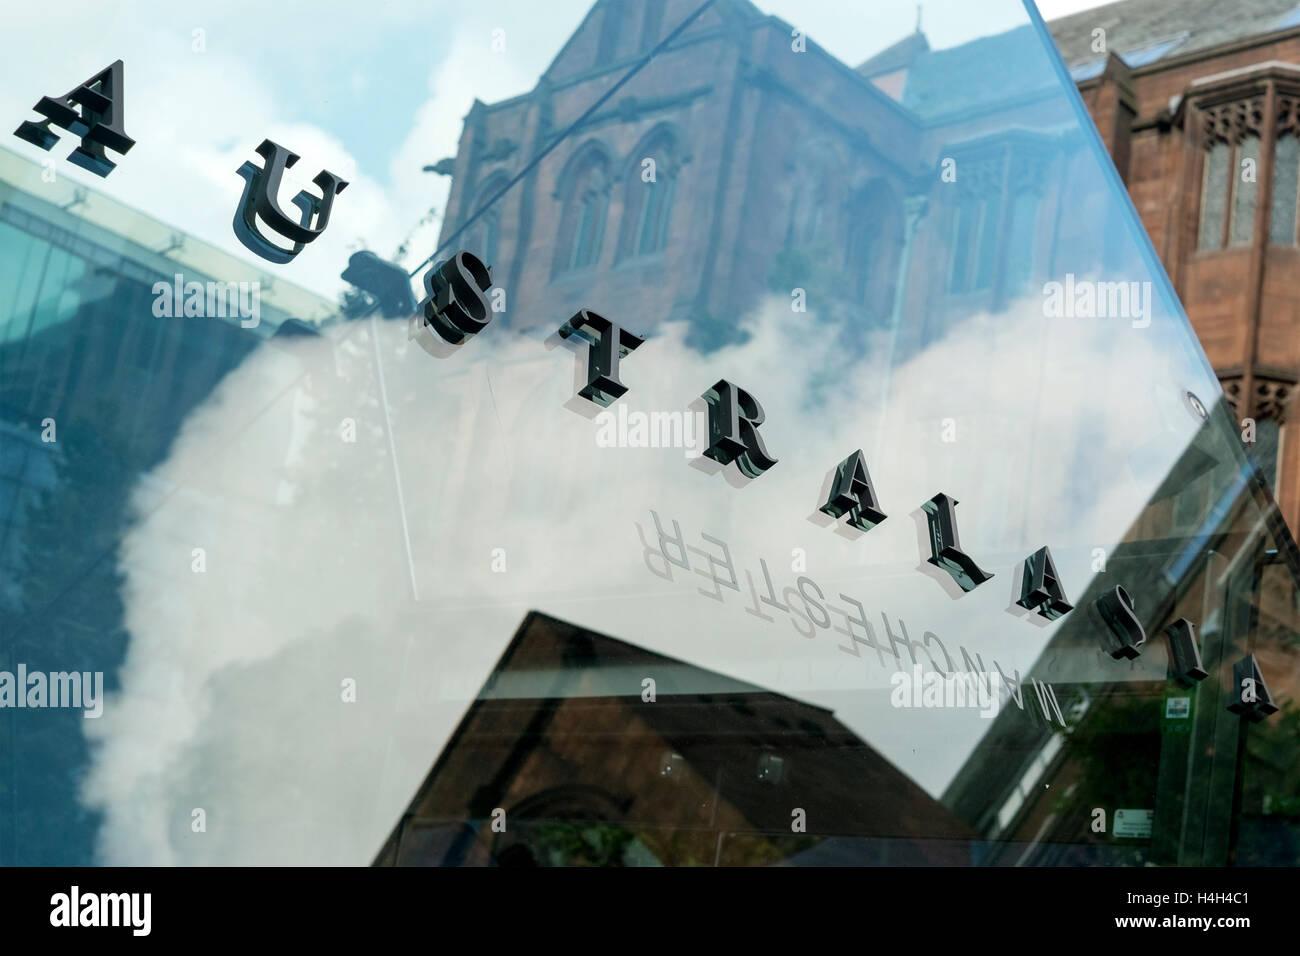 L'Australasie bar & restaurant situé sous terre sur Manchester Deansgate, Manchester, Royaume-Uni. Photo Stock